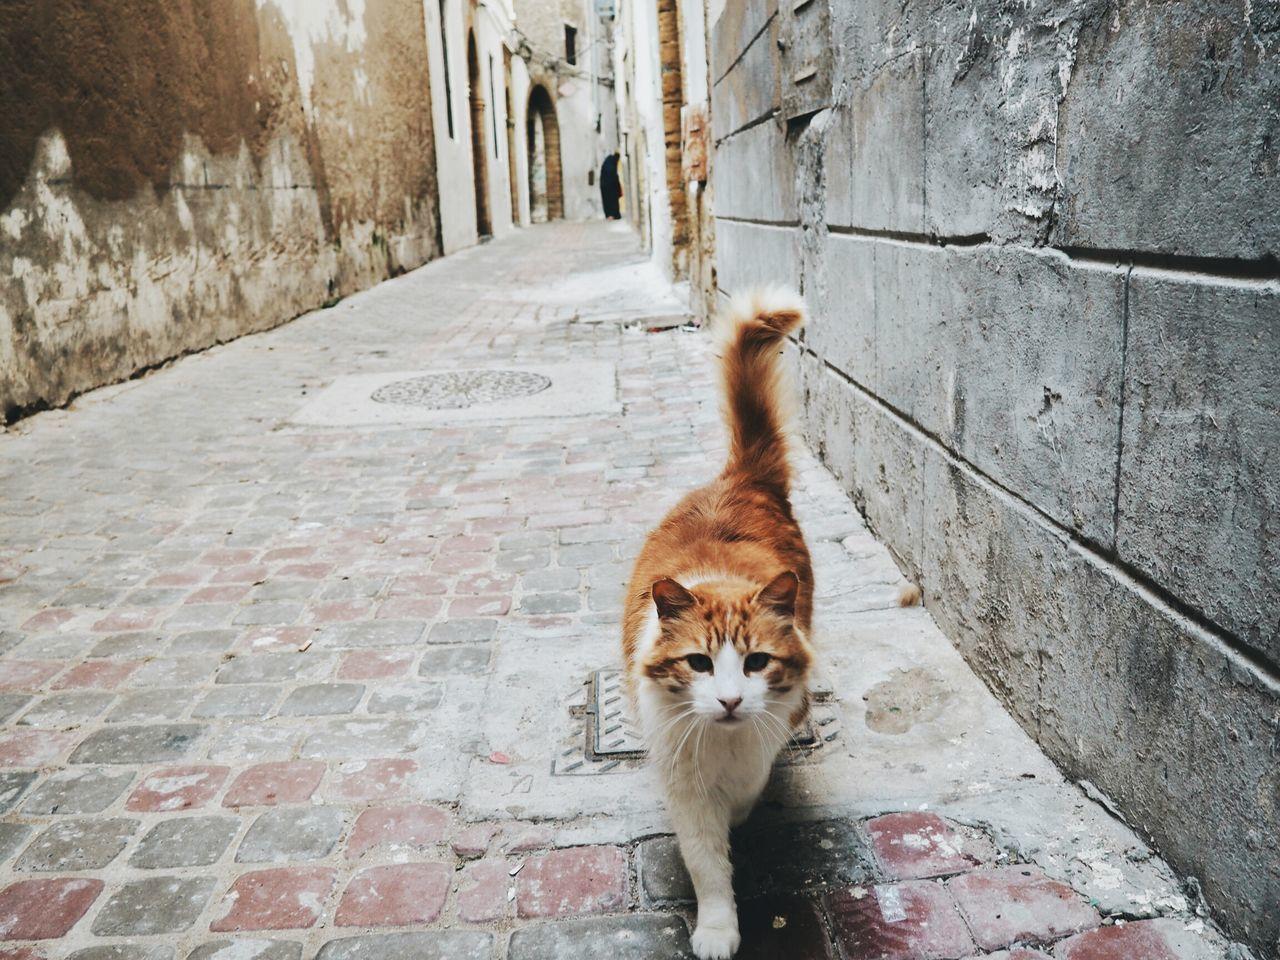 Portrait Of Cat Walking In Alley